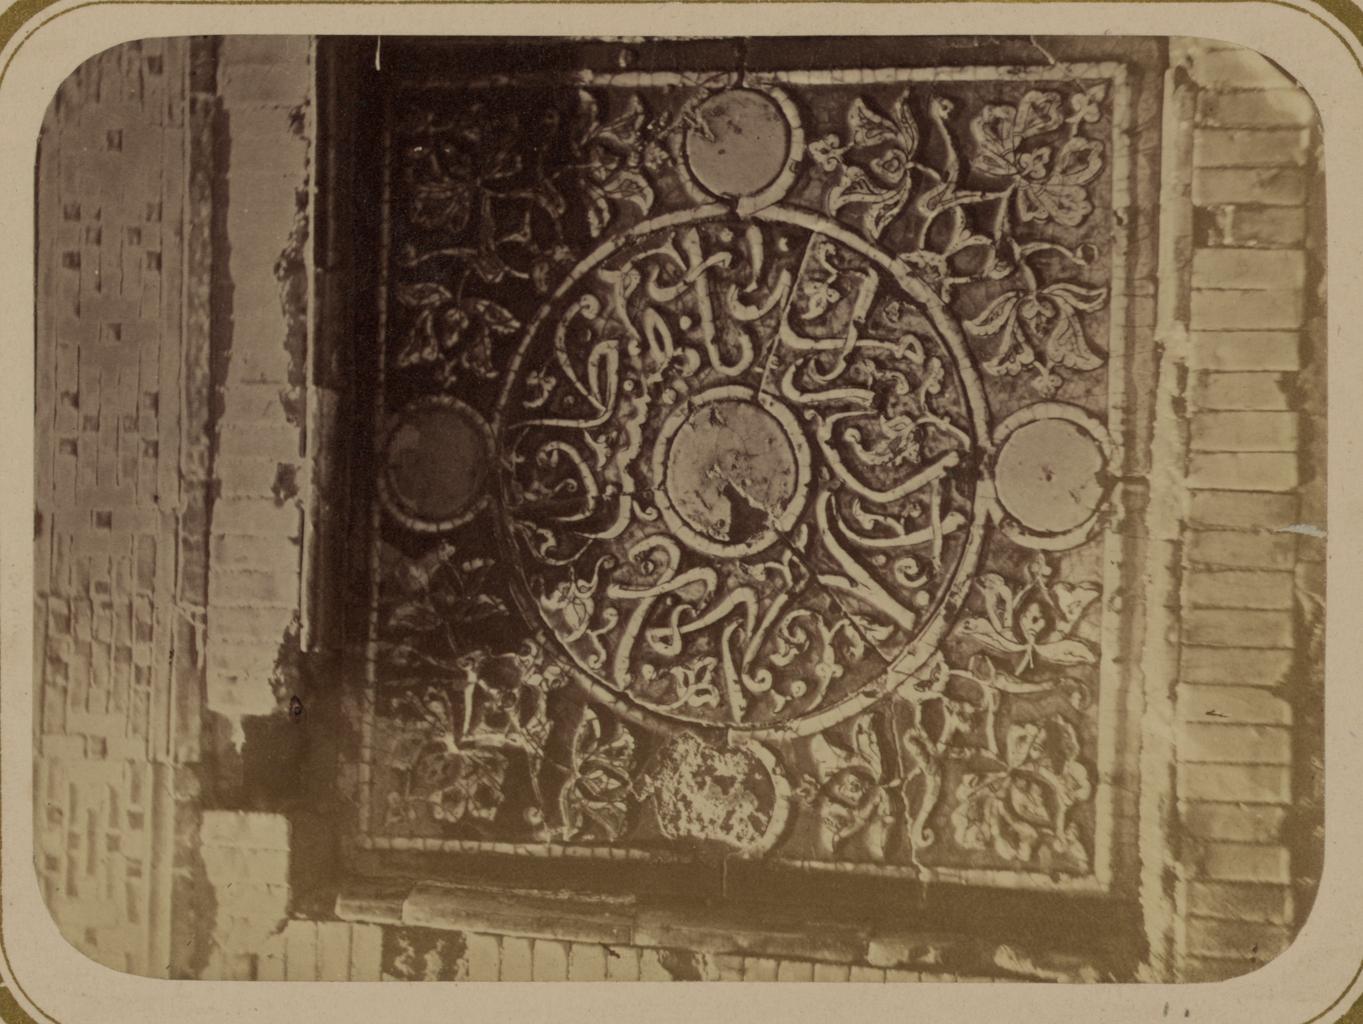 Мавзолей эмира Кутулука Турди Бека Ака. Надпись на пьедестале